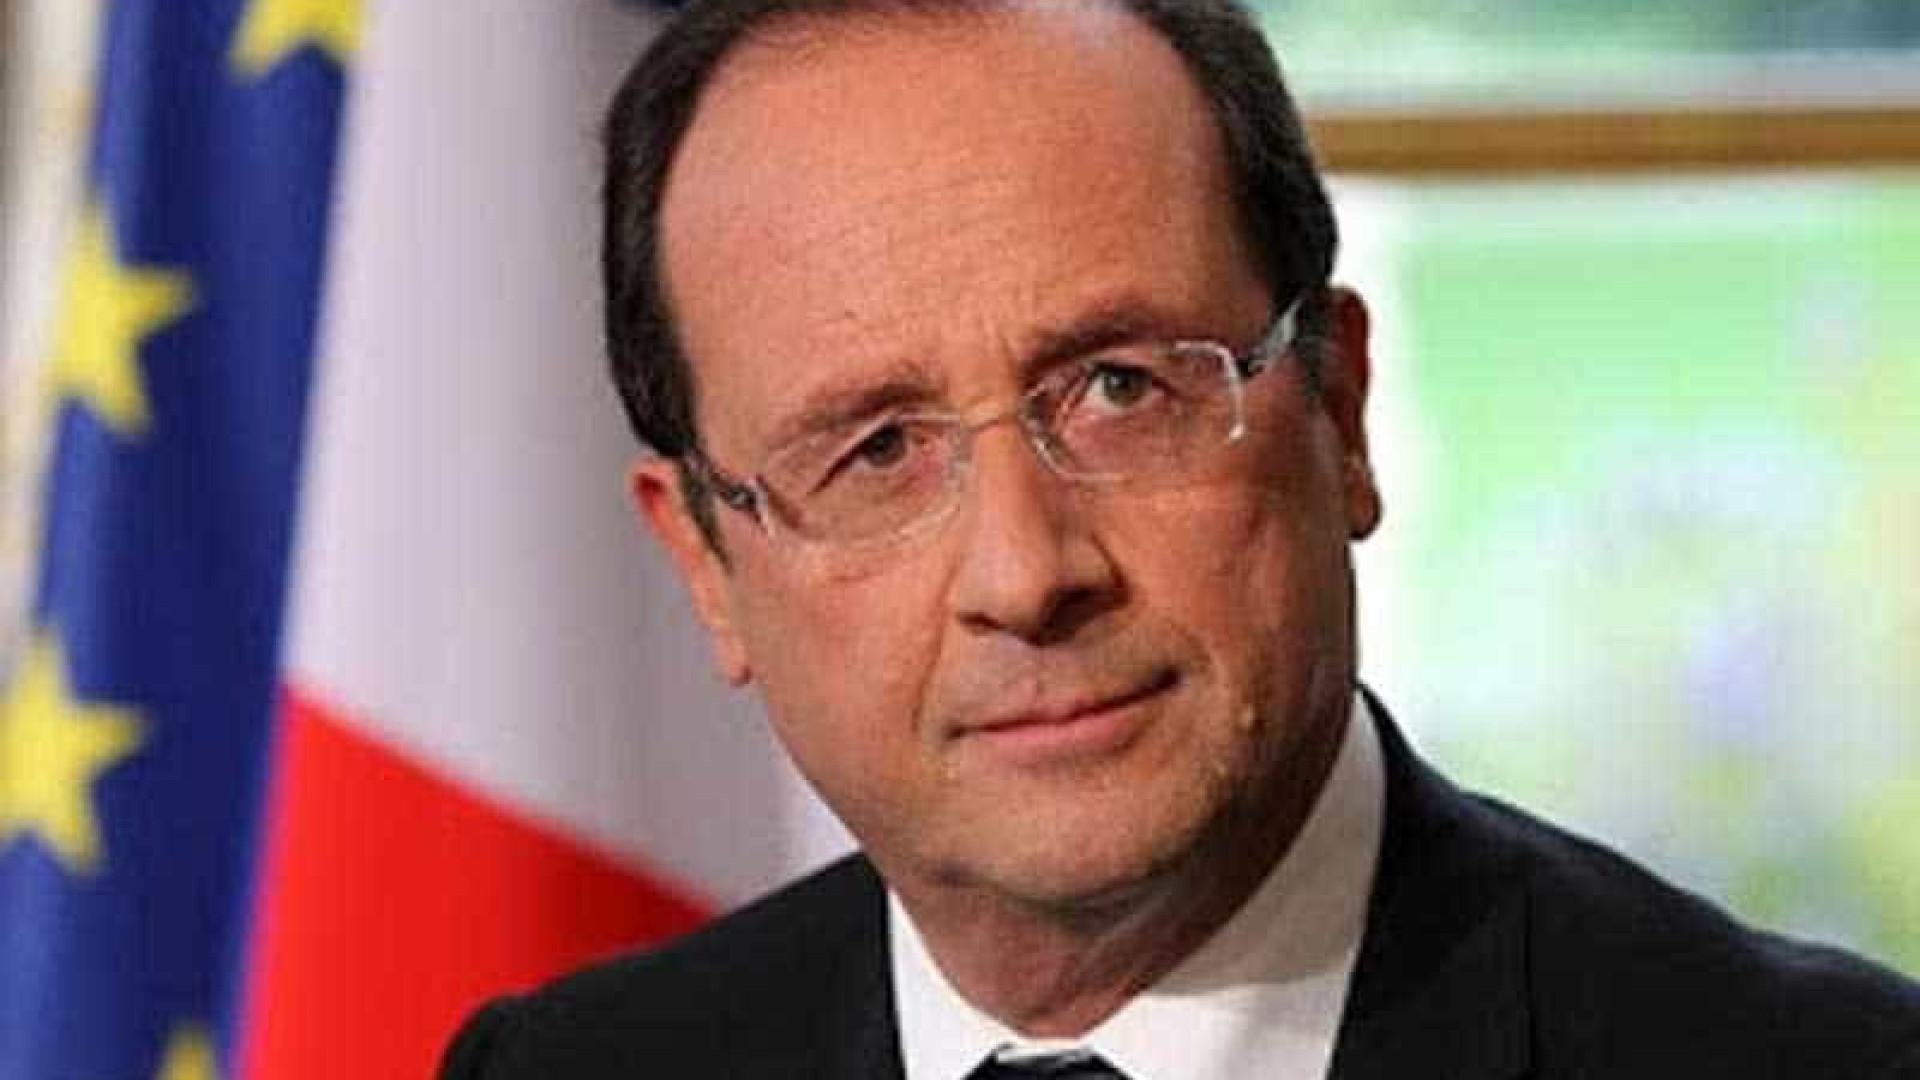 Conselho levanta dúvidas sobre plano de redução de dívida francês